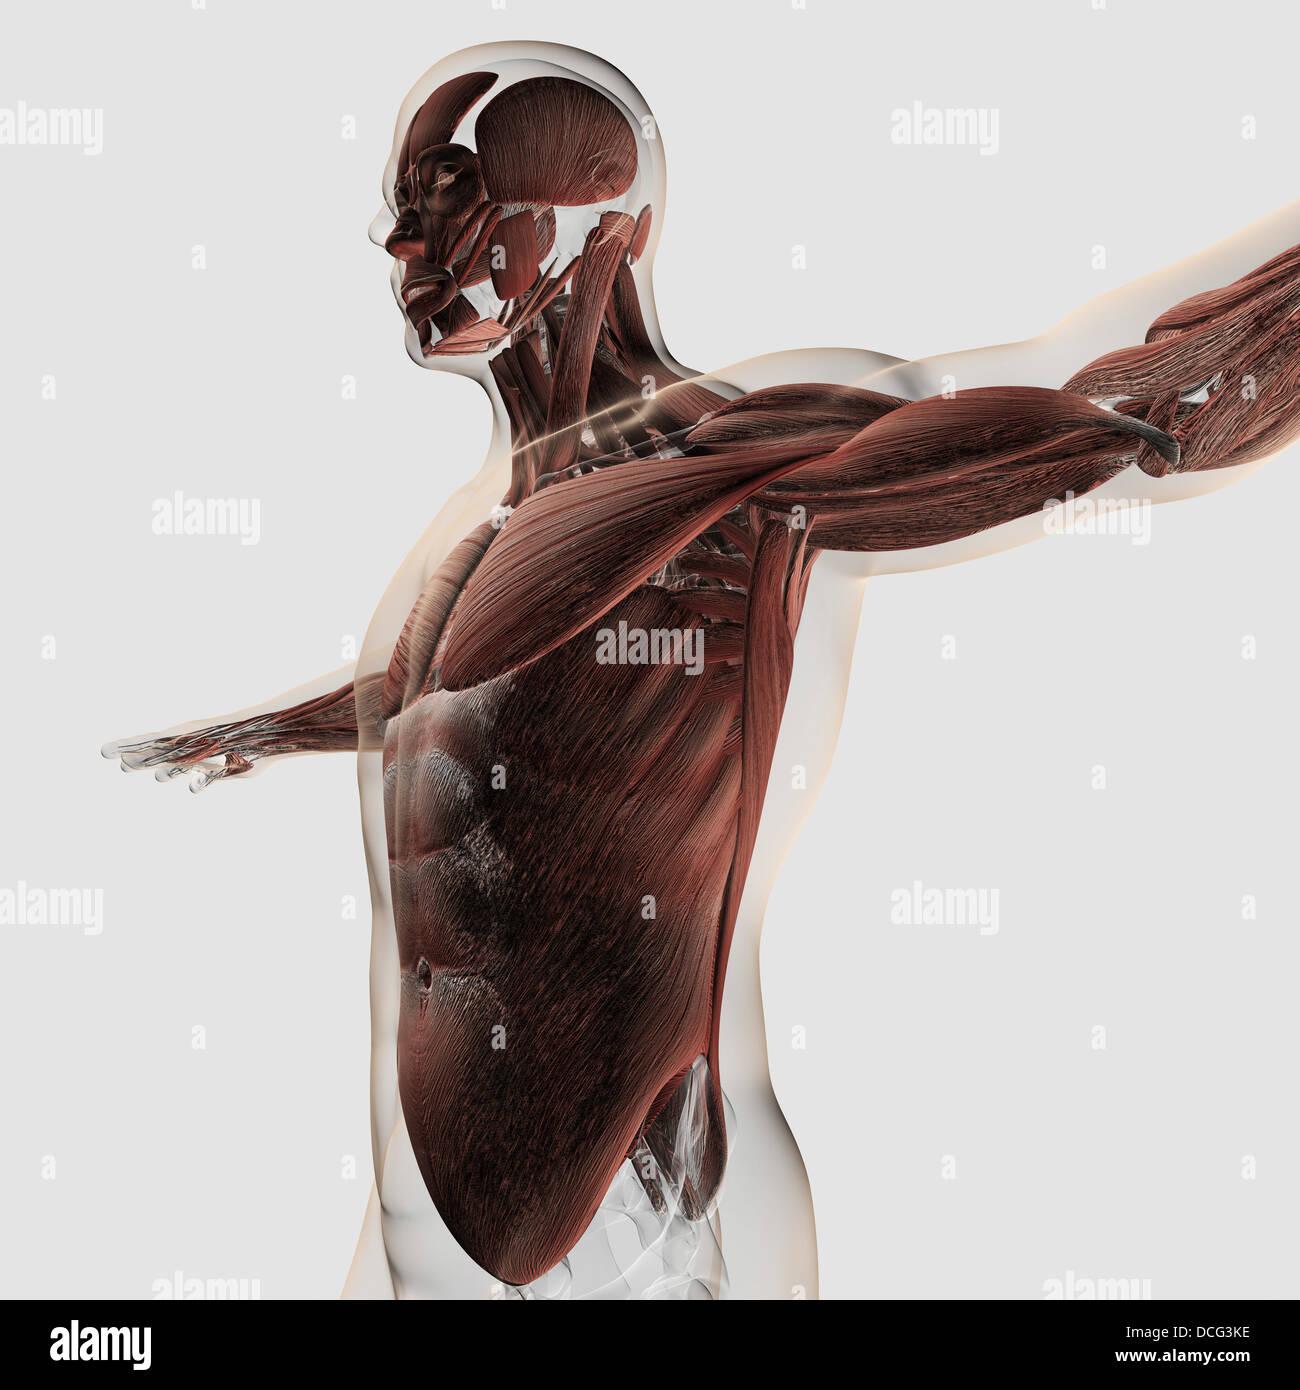 Anatomía de los músculos en la parte superior del cuerpo masculino, vista lateral. Imagen De Stock